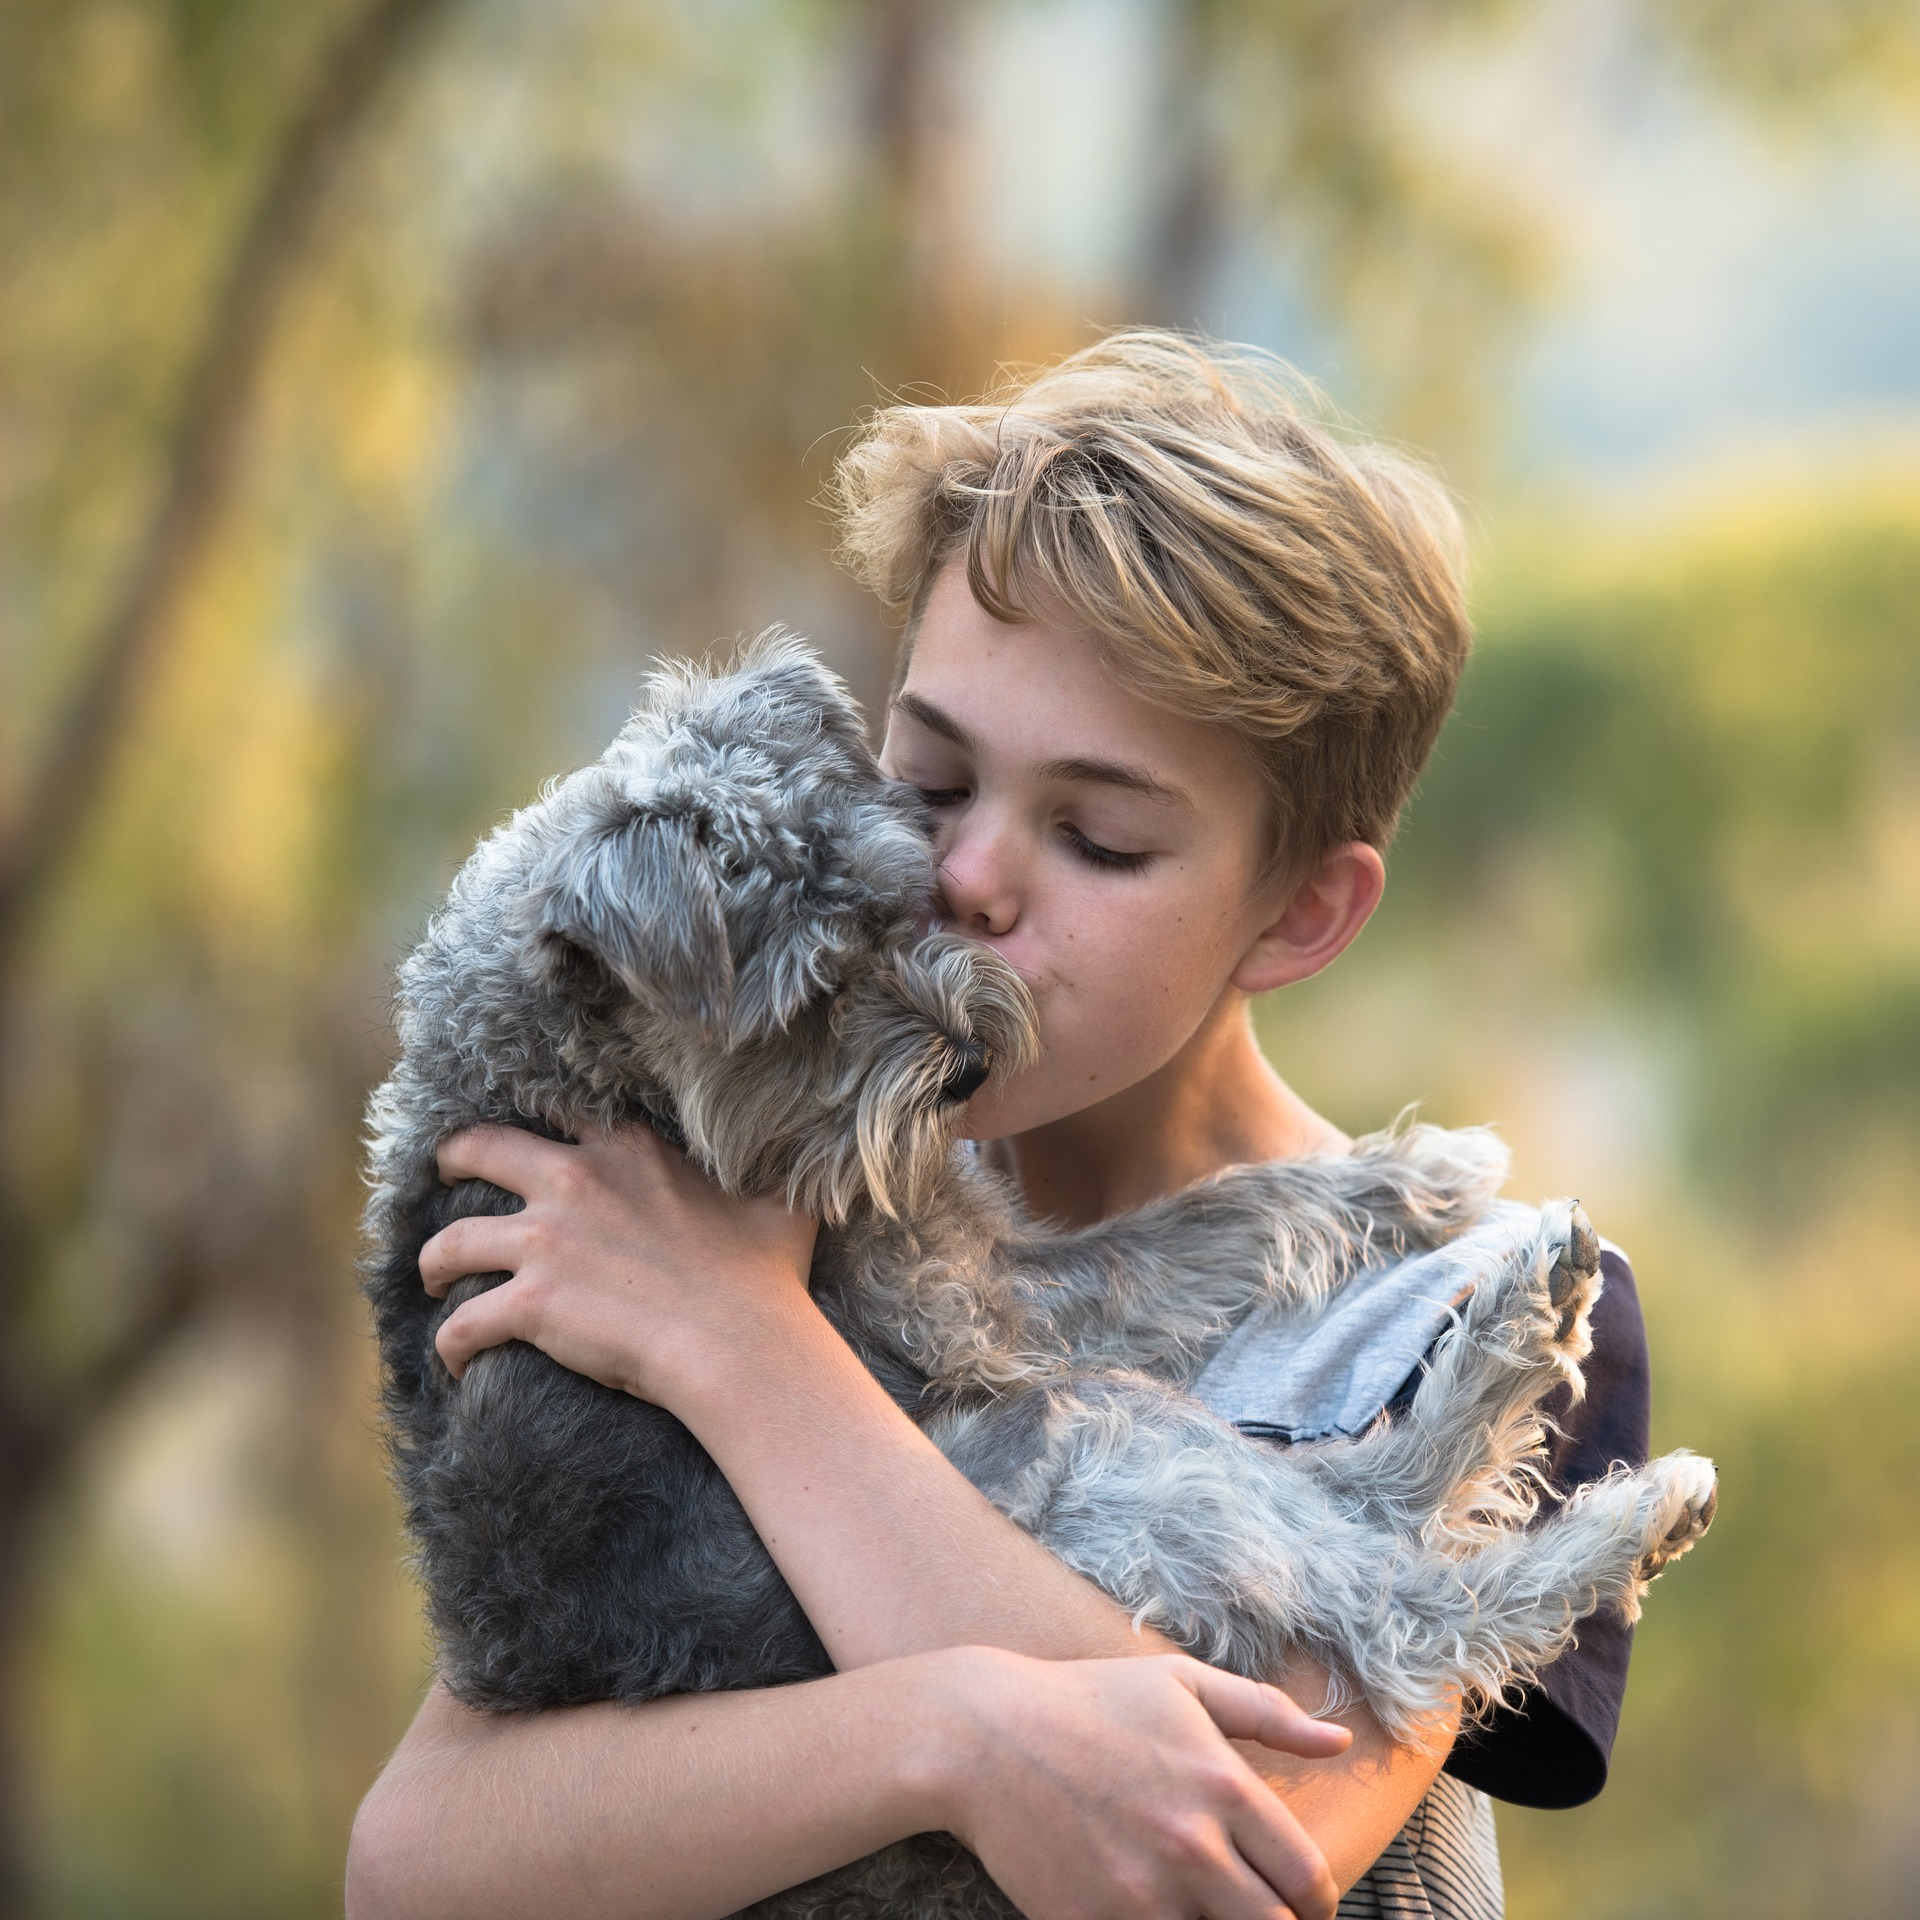 Niño besando y abrazando a un perro